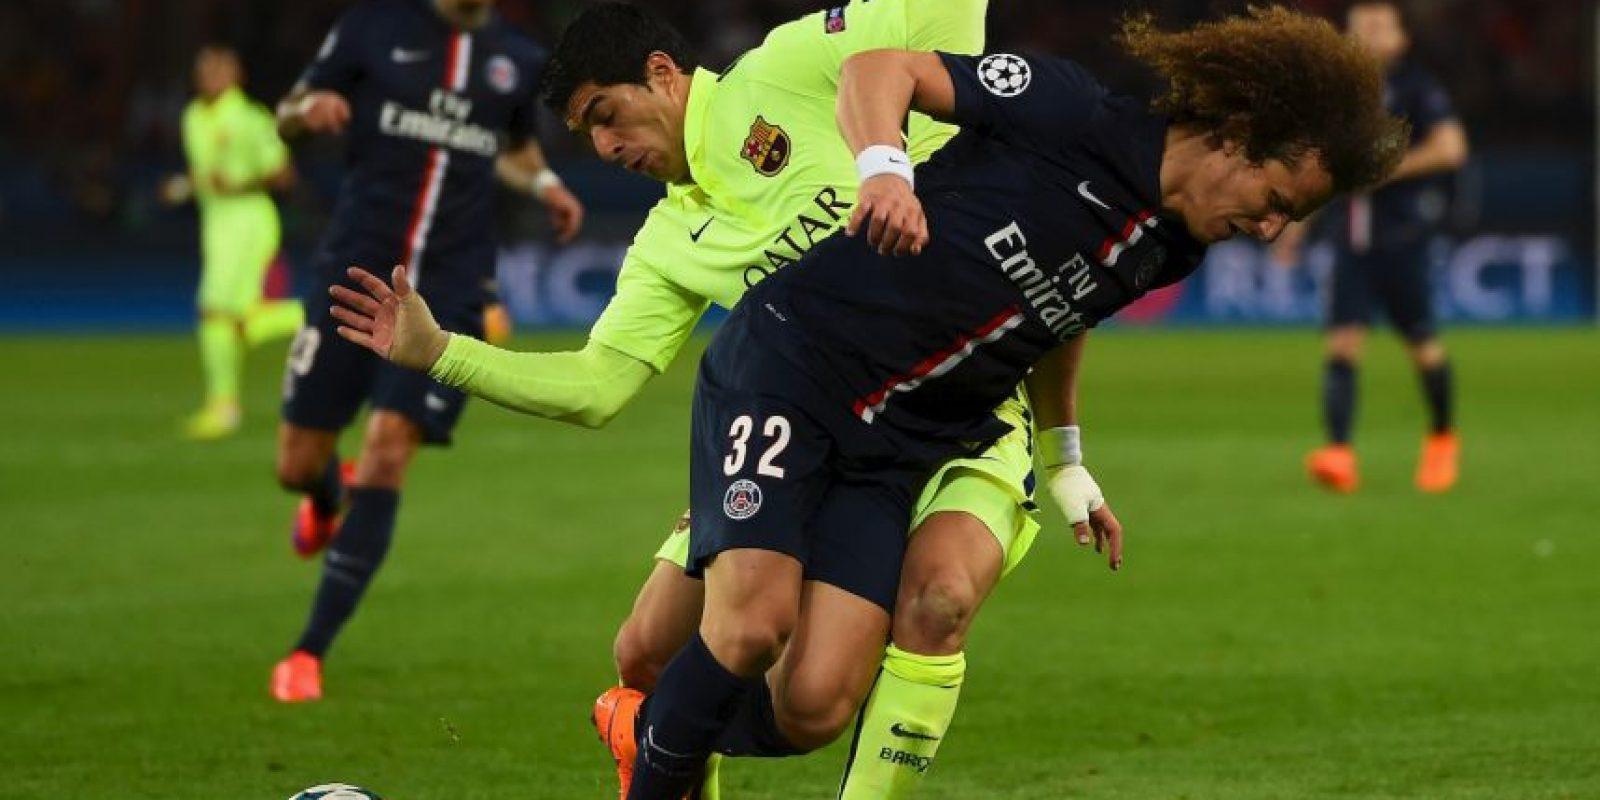 Luis Suárez, en cambio, llegó en buena forma y esta noche salió inspirado. Foto:Getty Images